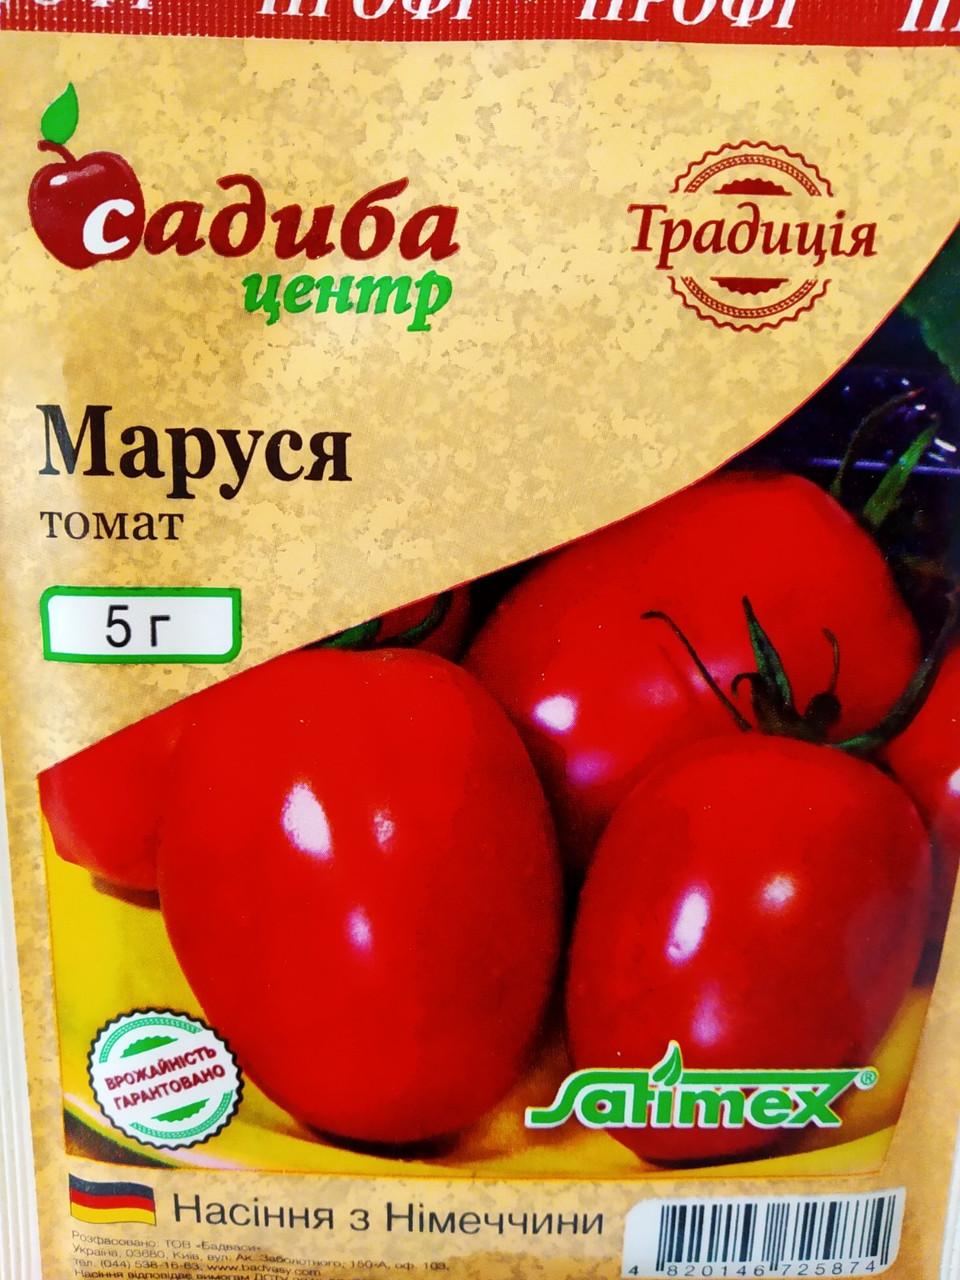 """Насіння томату Маруся середньоранній, низькорослий, штамбовий 5 грам, """"Satimex"""", Німеччина"""